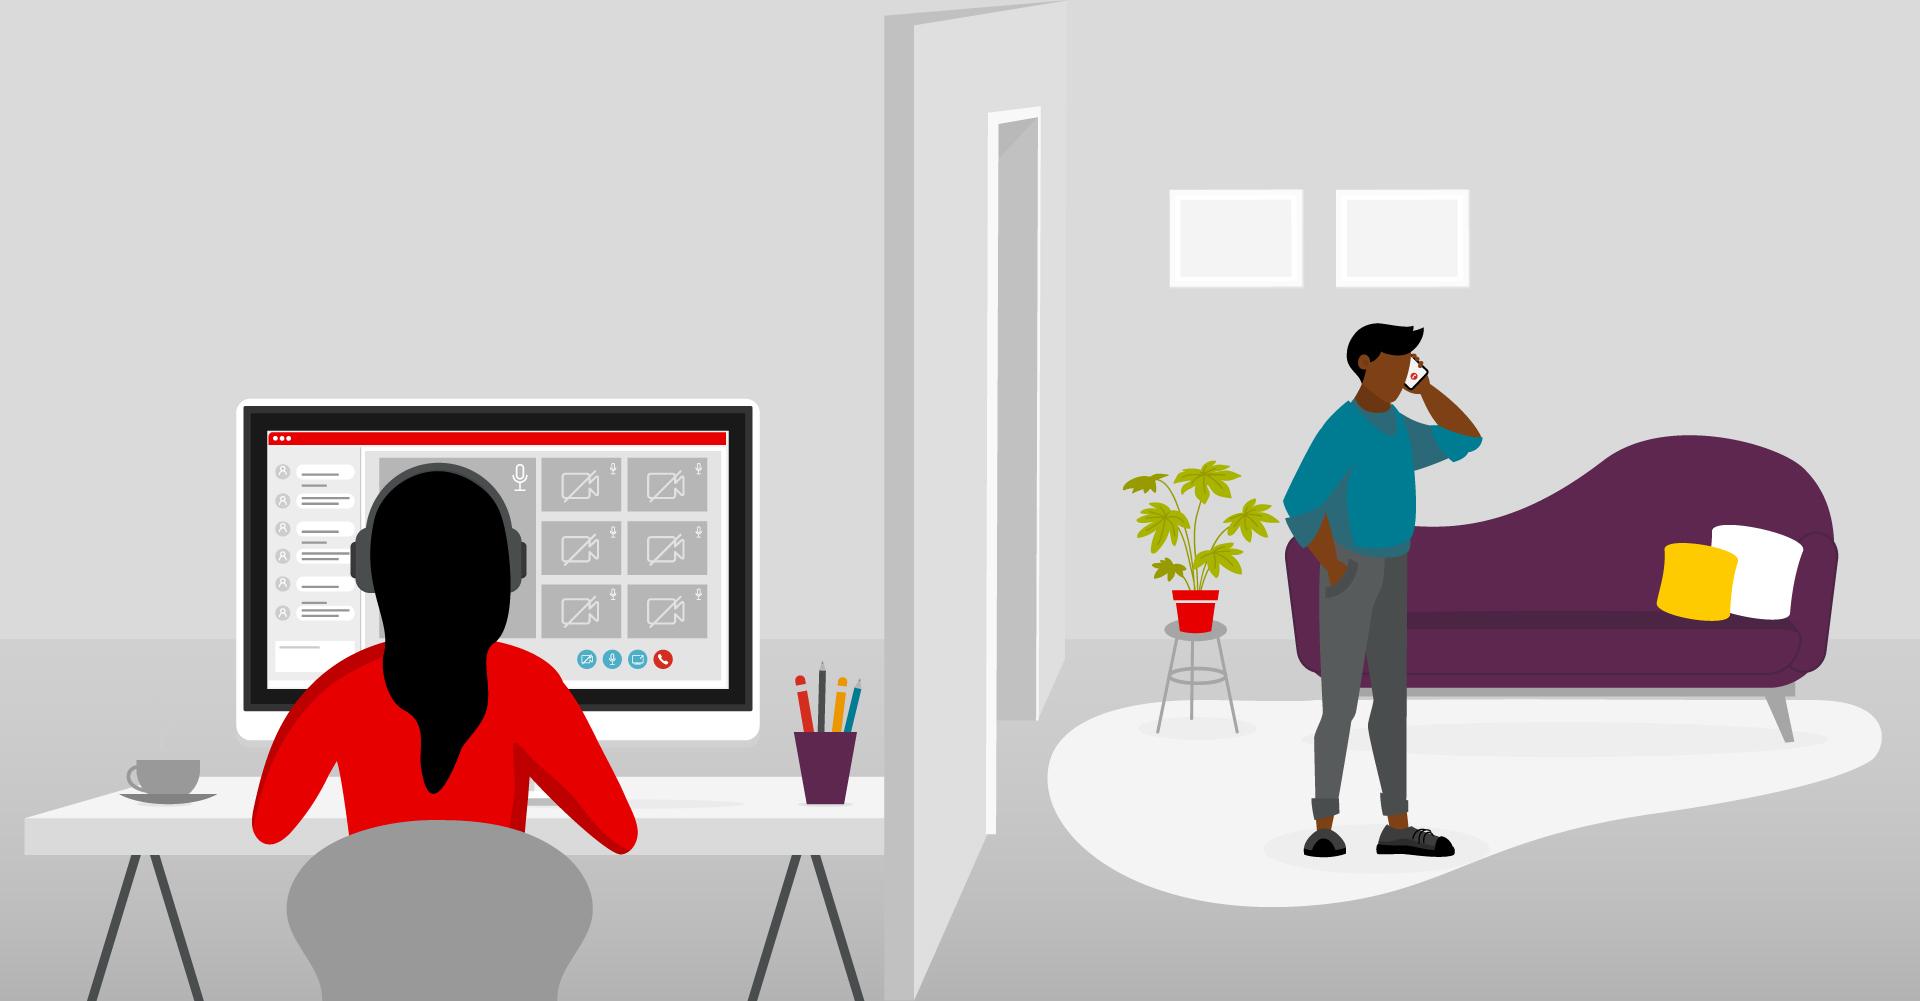 Illustration von zwei Personen in einer Wohnung mit verschiedenen Kommunikationsmitteln